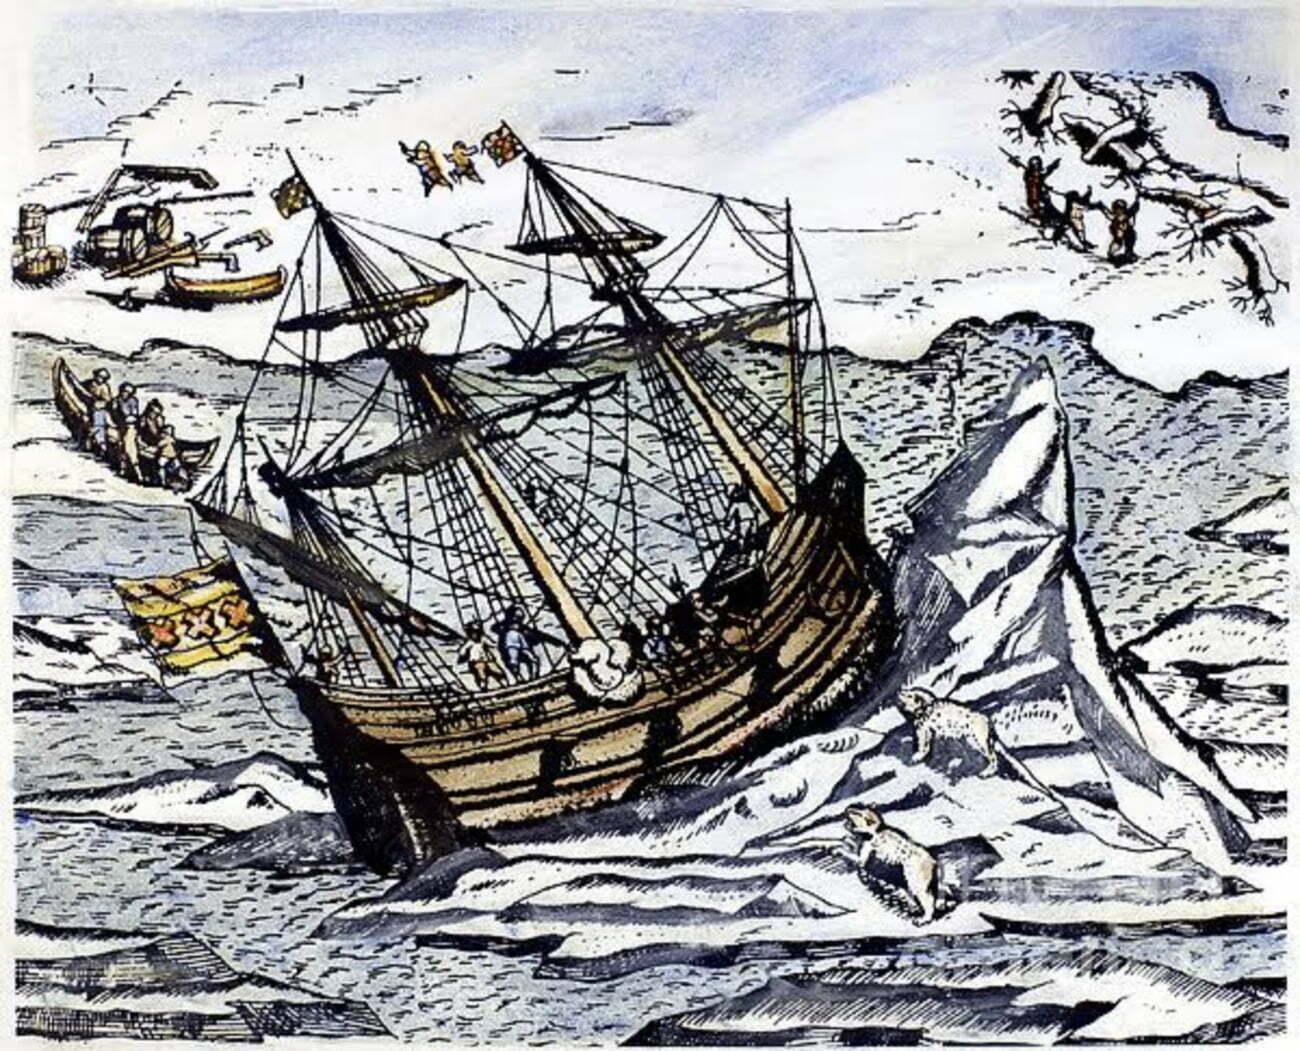 gravura alusiva ao navegador holandês Willem Barents